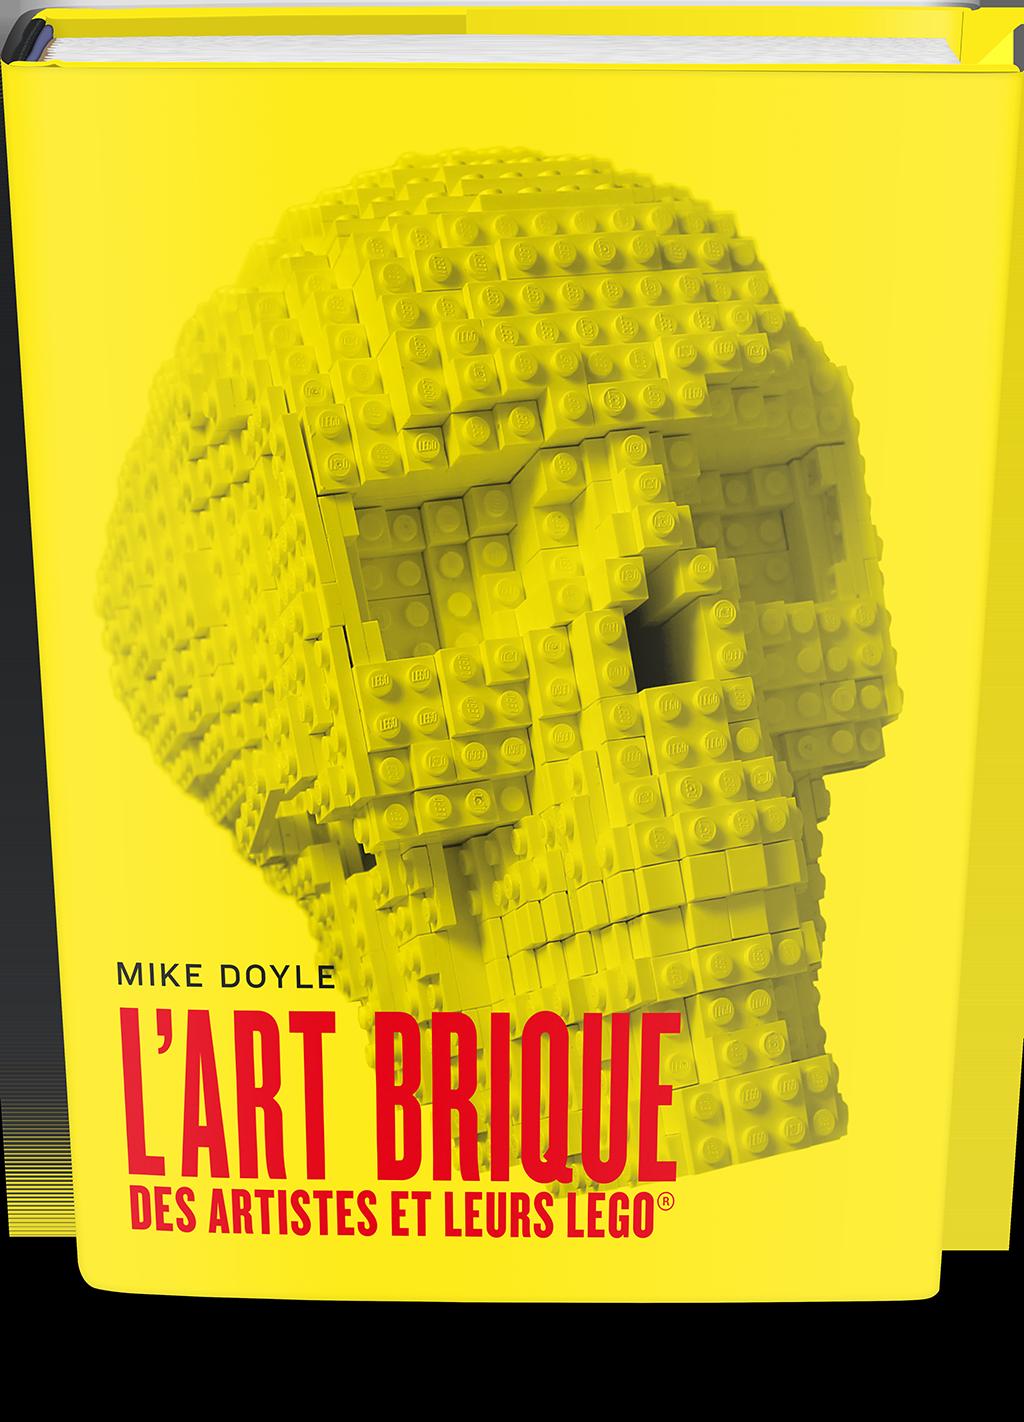 lart brique des artistes et leurs lego